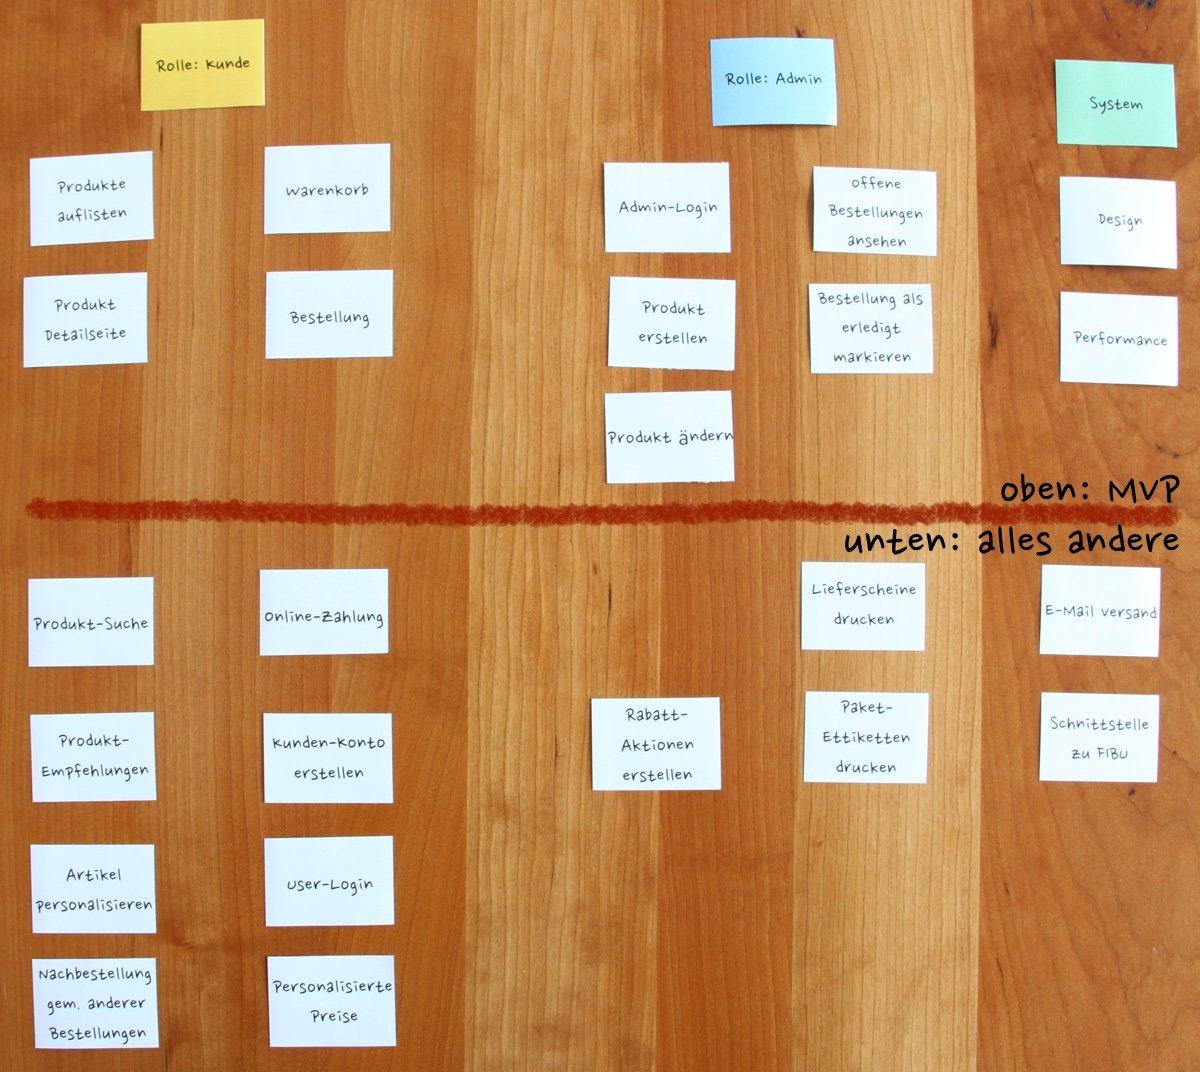 Alle Kärtchen, weiter priorisiert. Es bleiben oberhalb der Linie ausschliesslich die absolut wichtigsten Features, auf welche auch am Tag 1 nach dem Launch nicht verzichtet werden kann. Das Resultat des User Story Mapping Workshops.